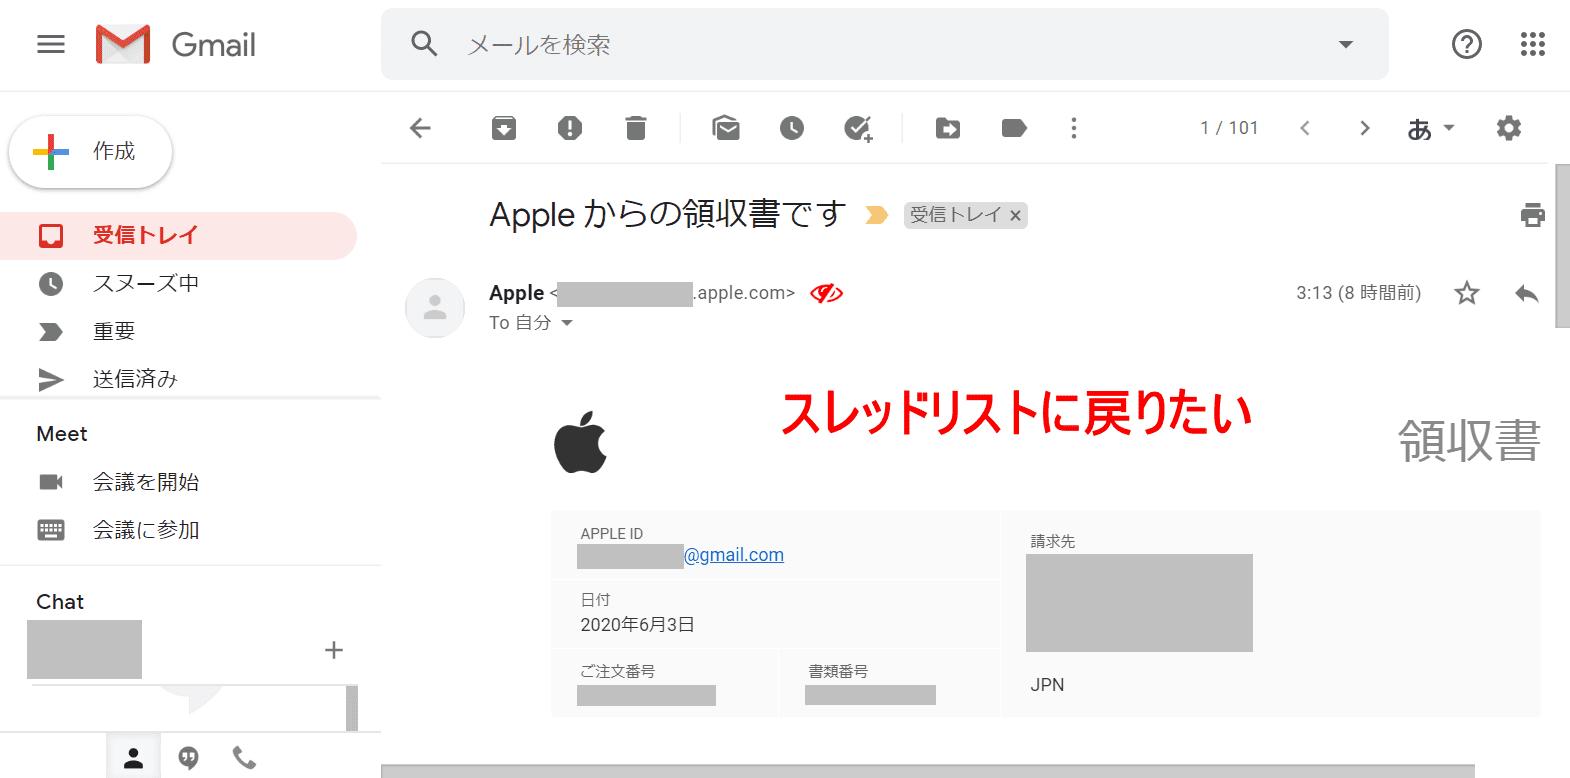 メールを開いた状態